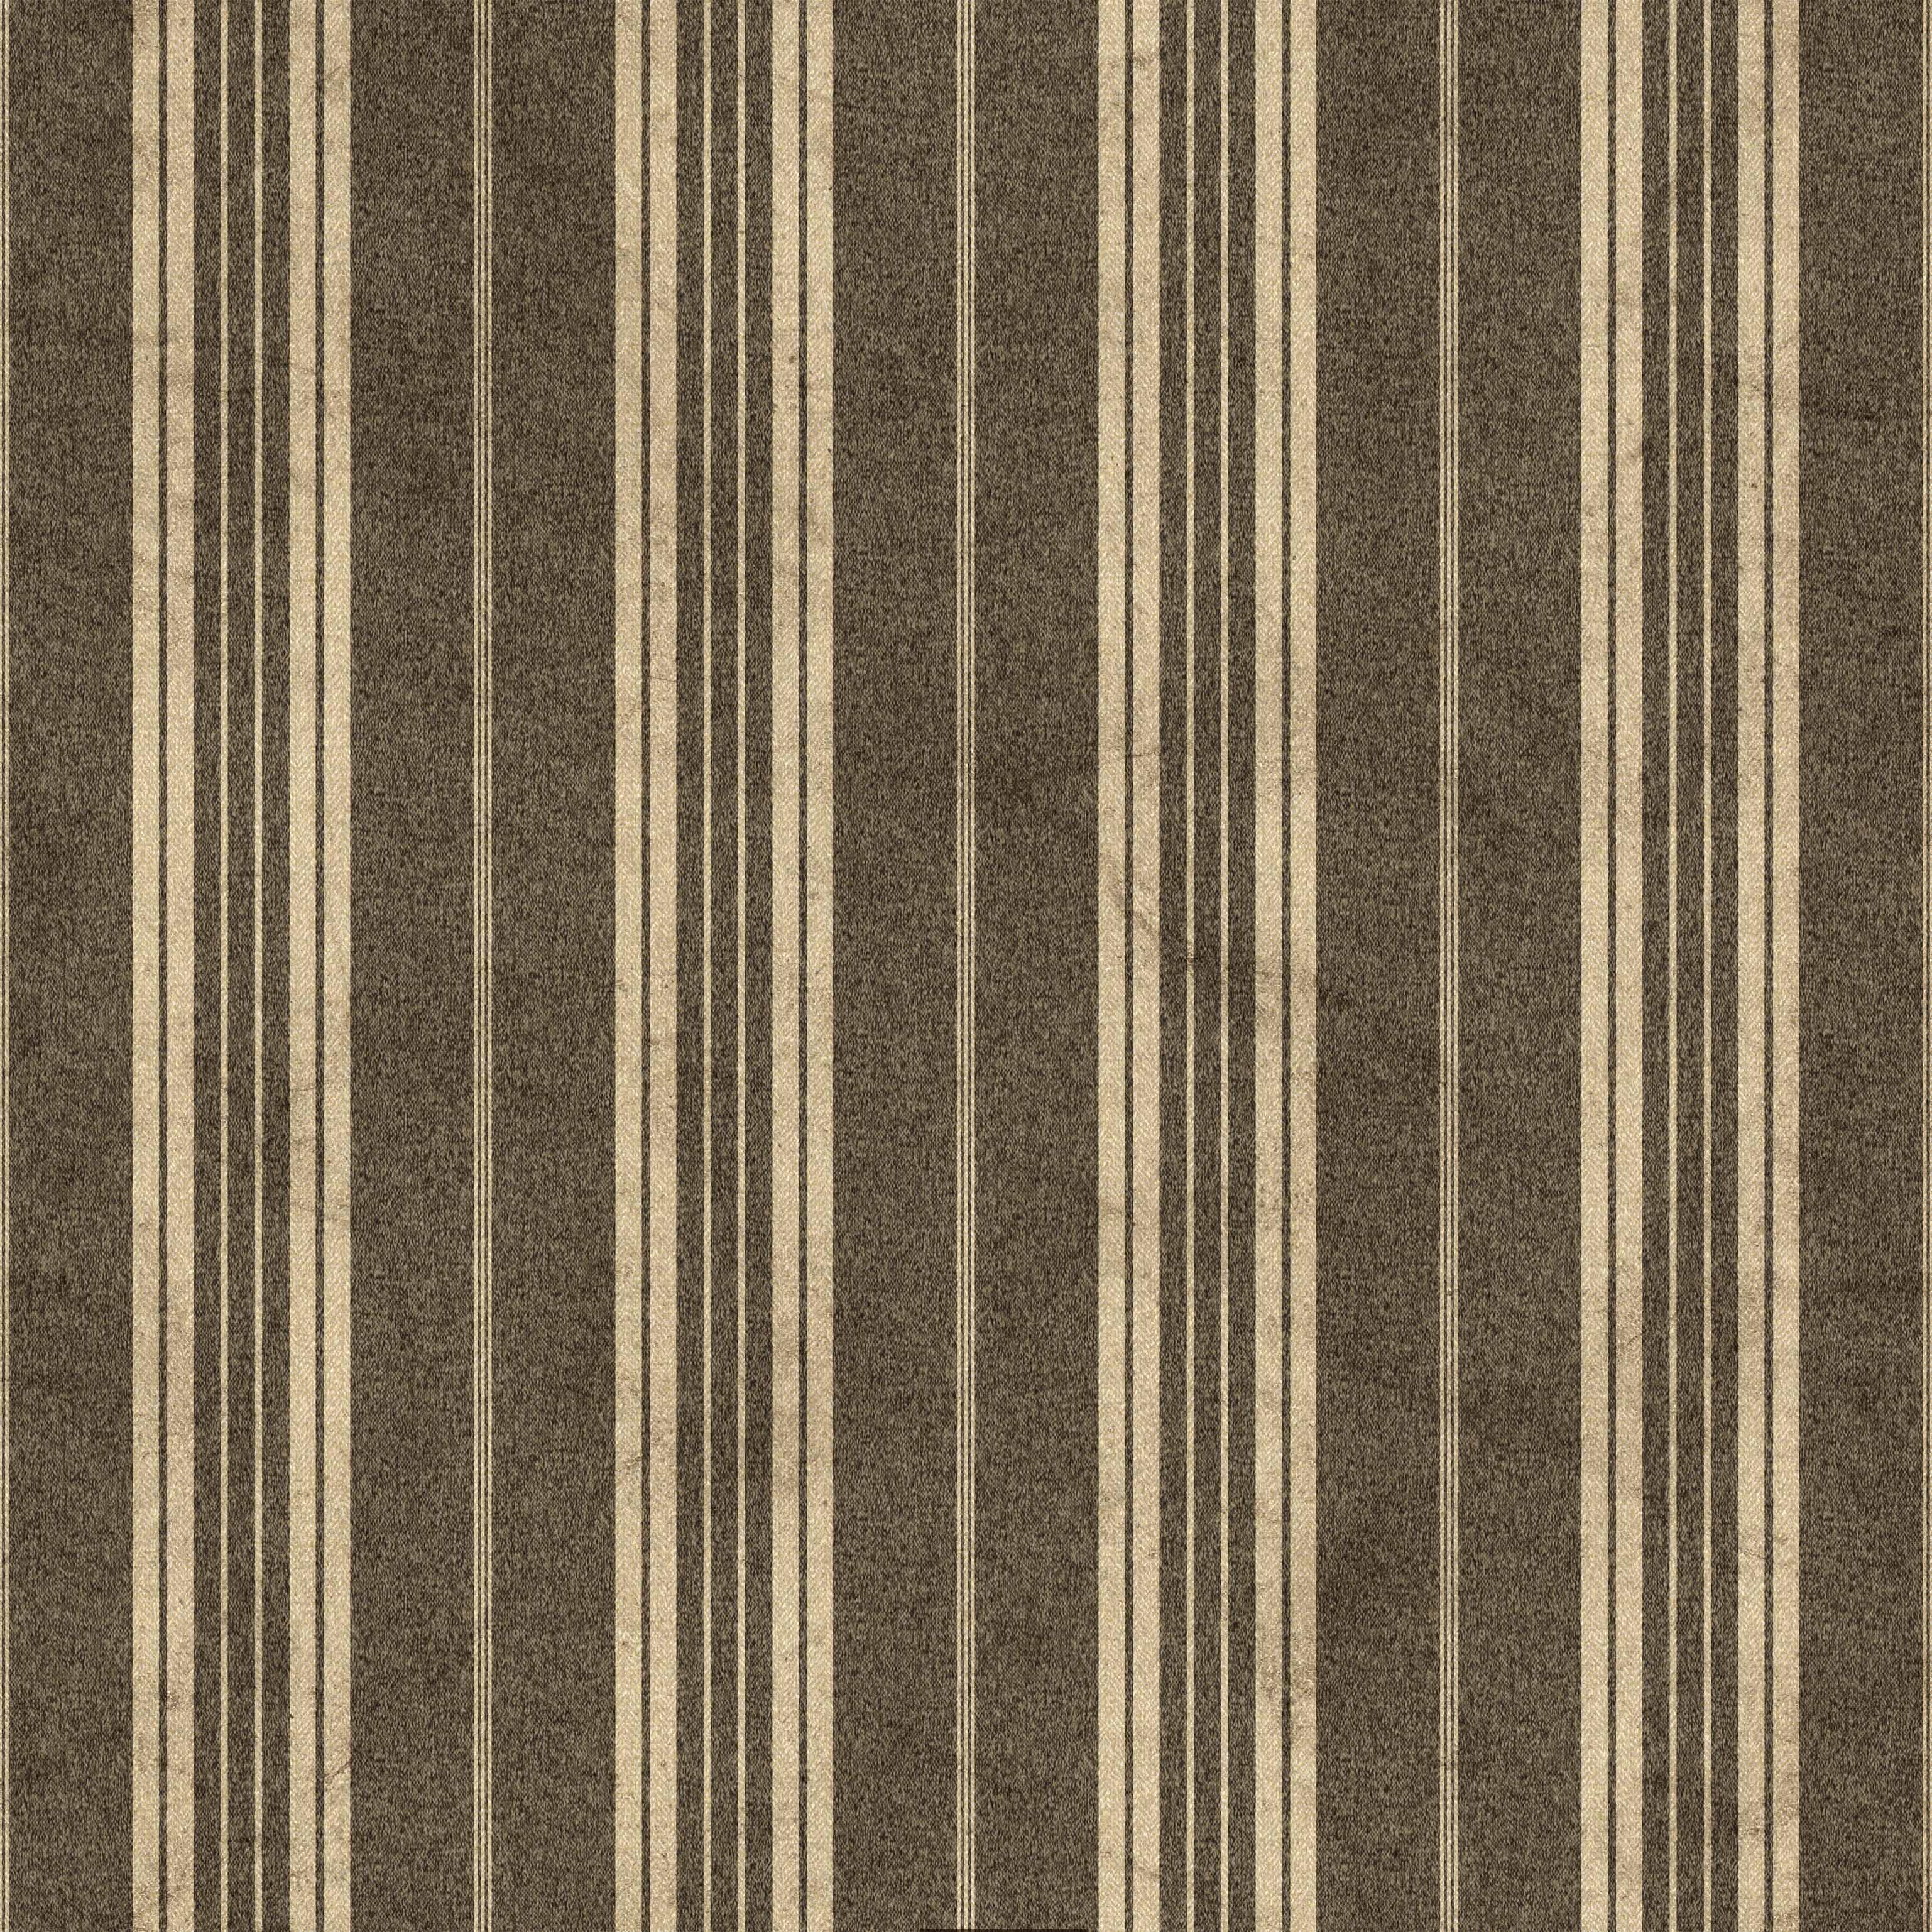 Picture of Black Farmhouse Stripe Wallpaper